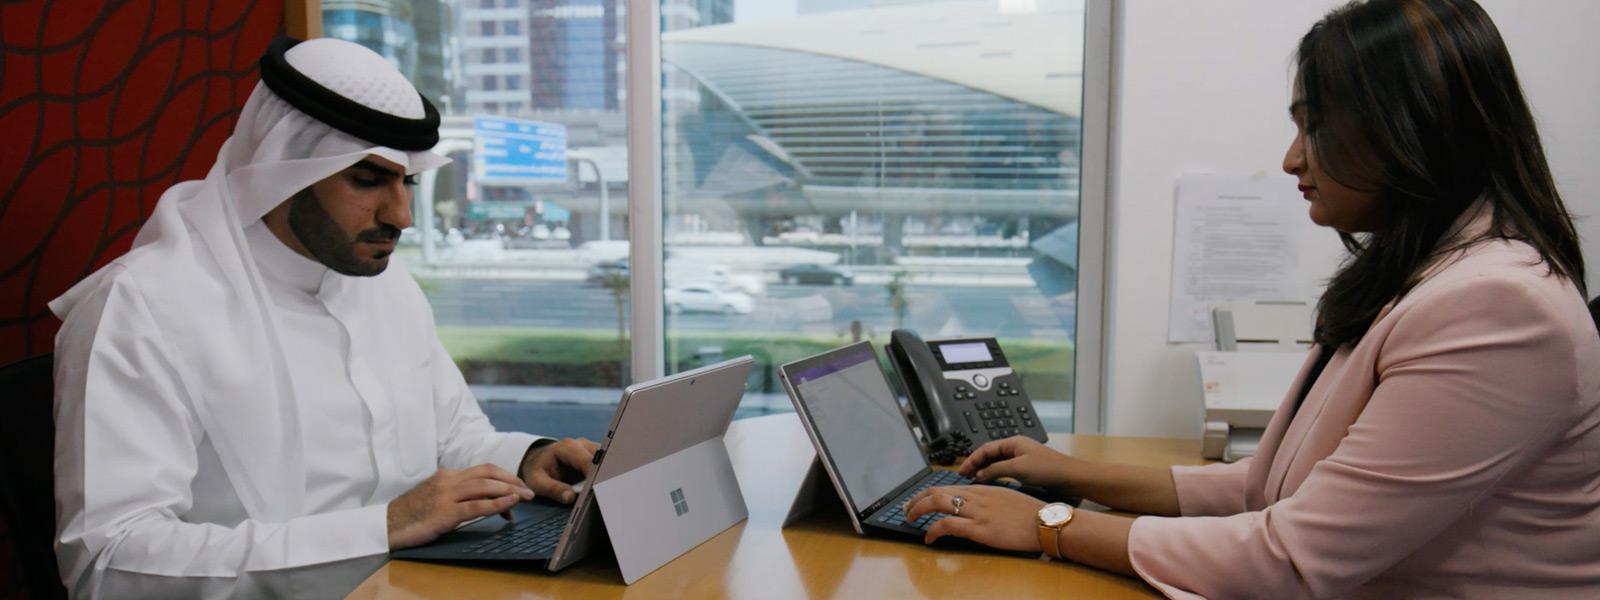 Ein Mitarbeiter der Mashreq Bank und sein Kunde tauschen Informationen über ein Surface Pro aus